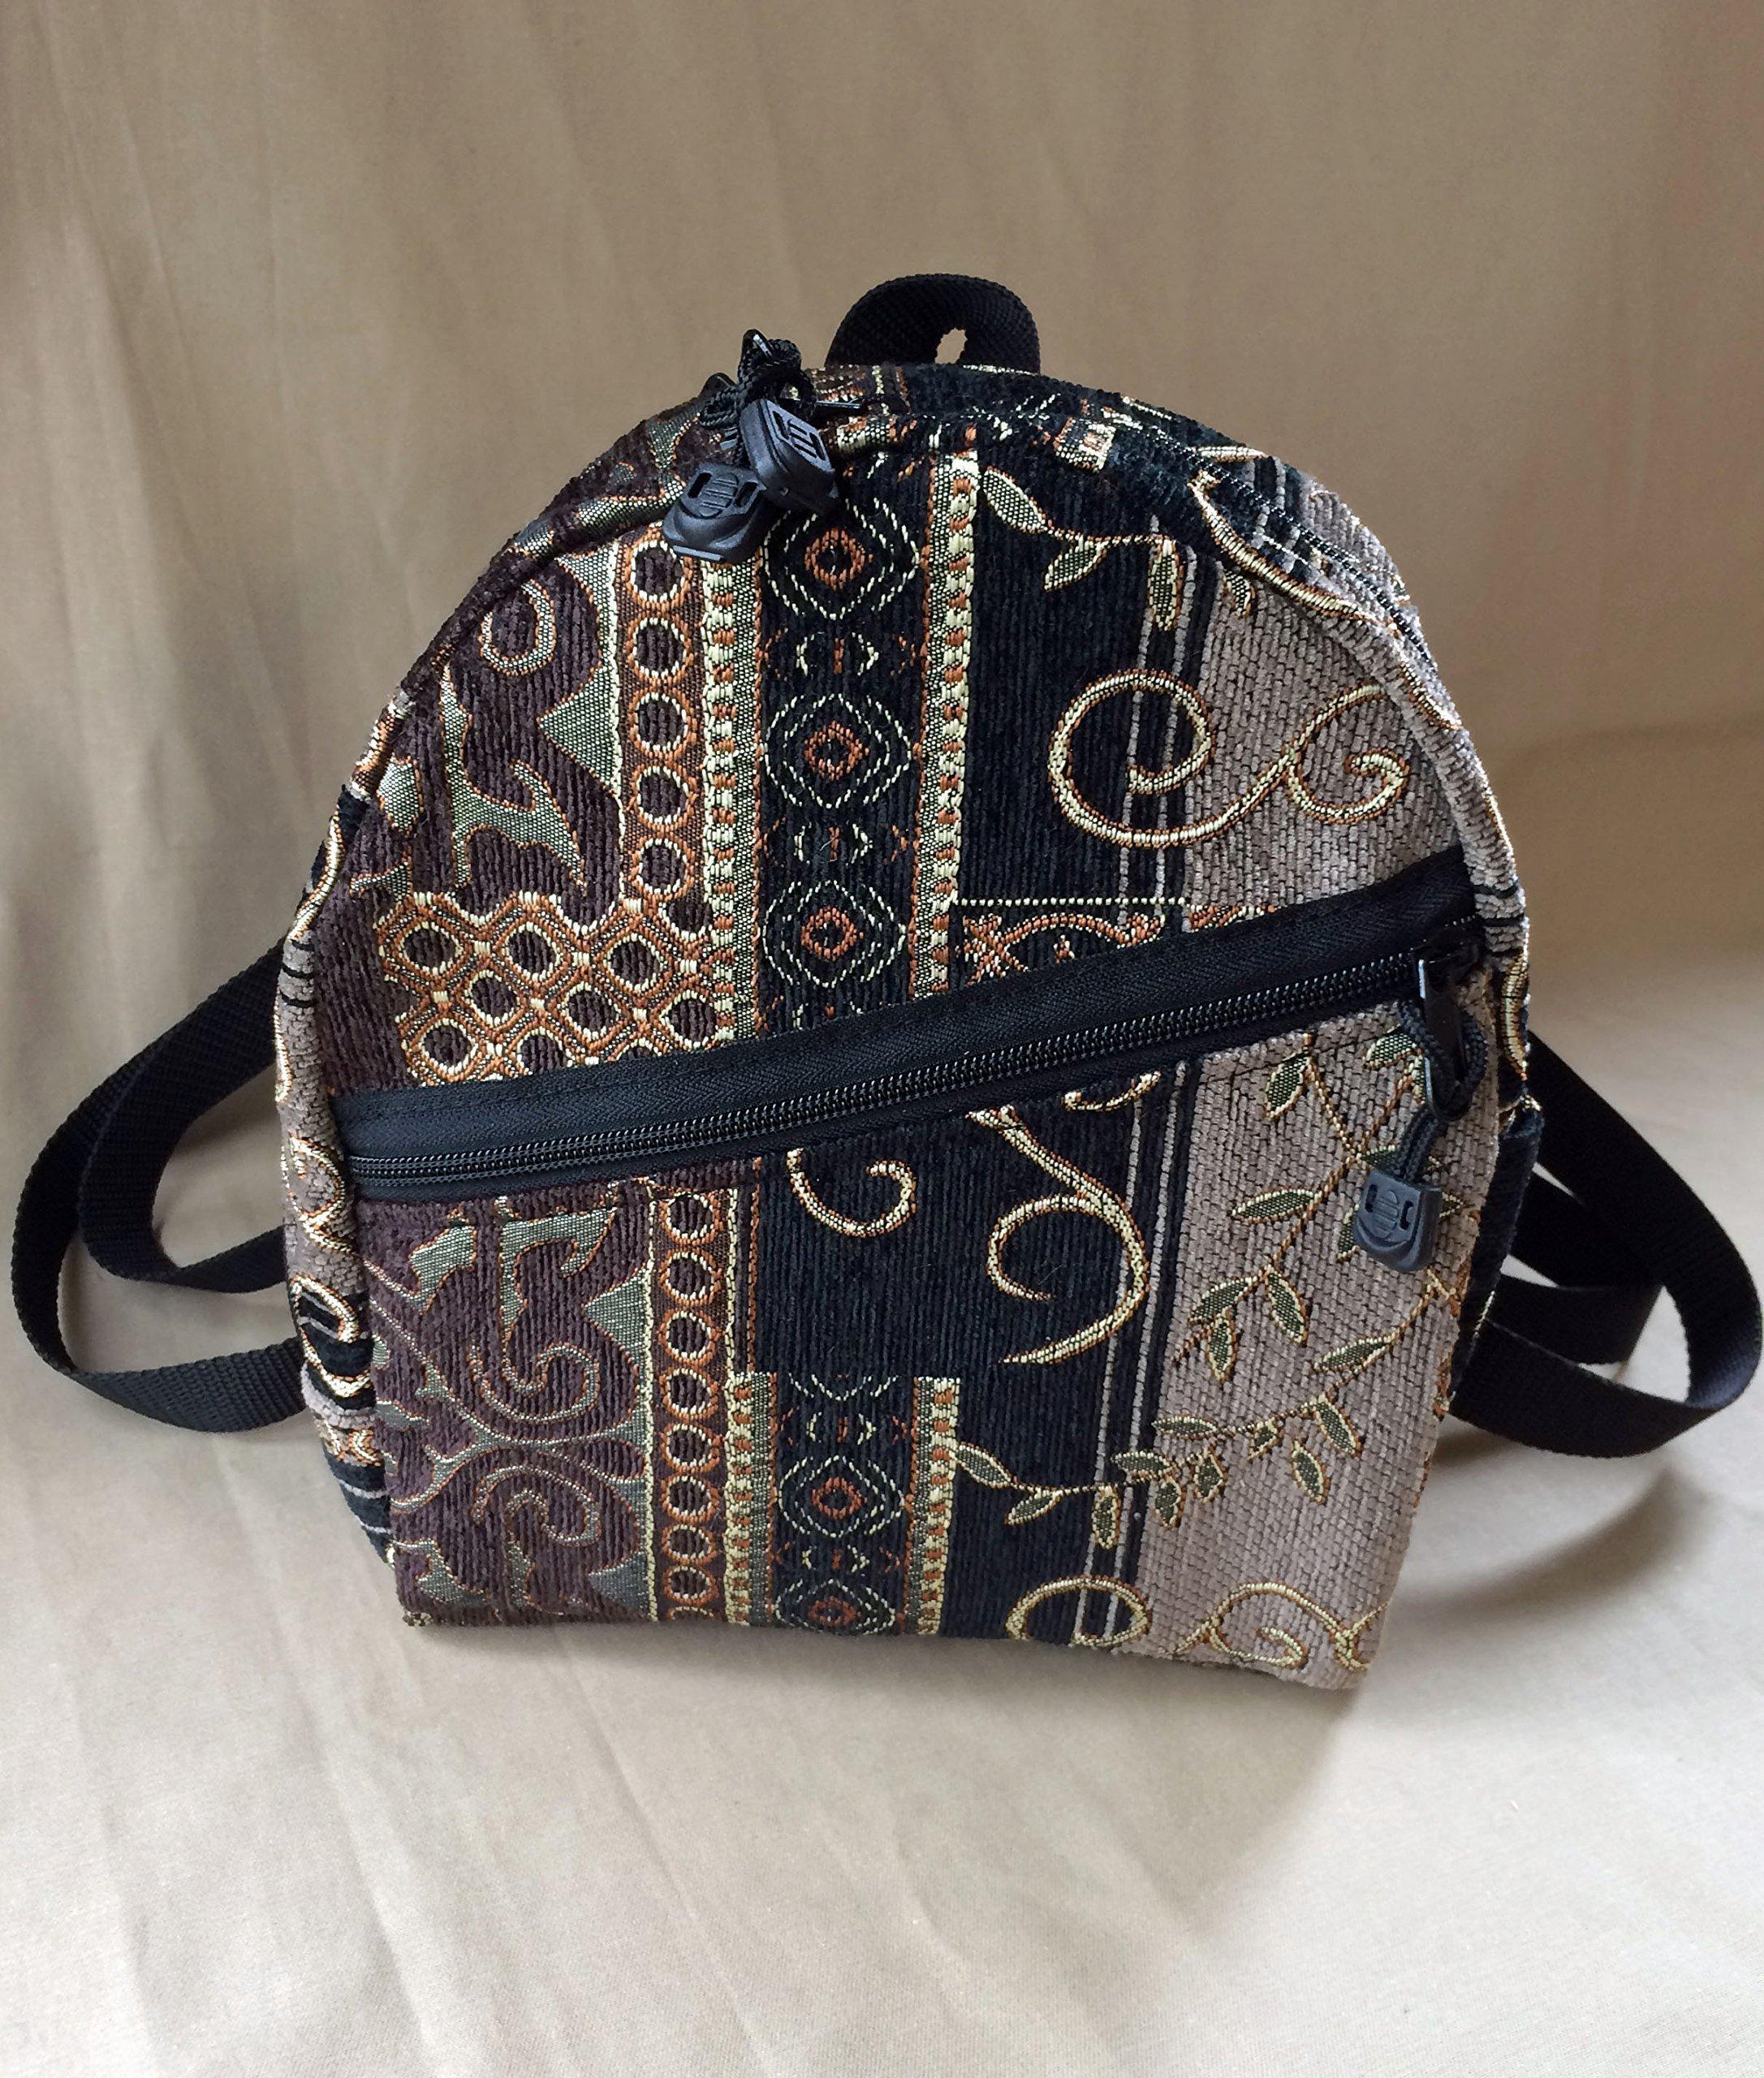 Ladies Backpack Purse Backpack Handbag in Dartmouth Tapestry handmade by MKI Bags